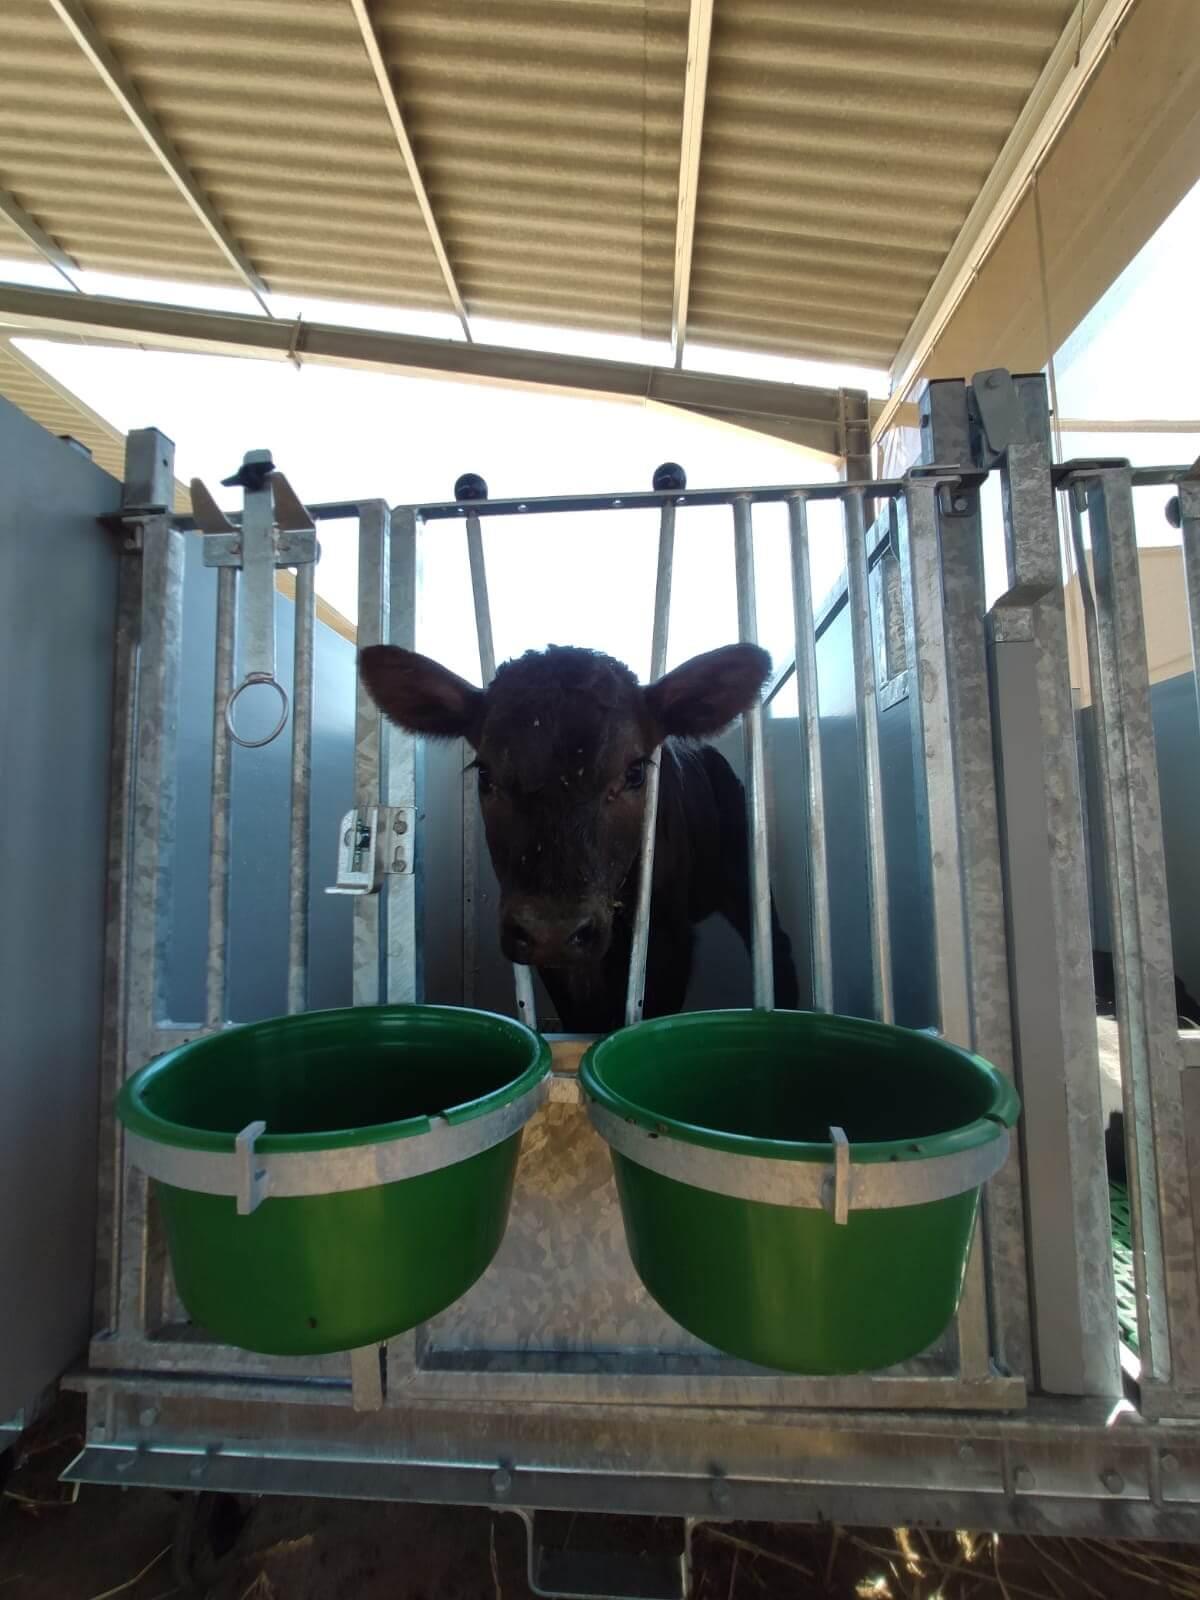 Calf in hutch